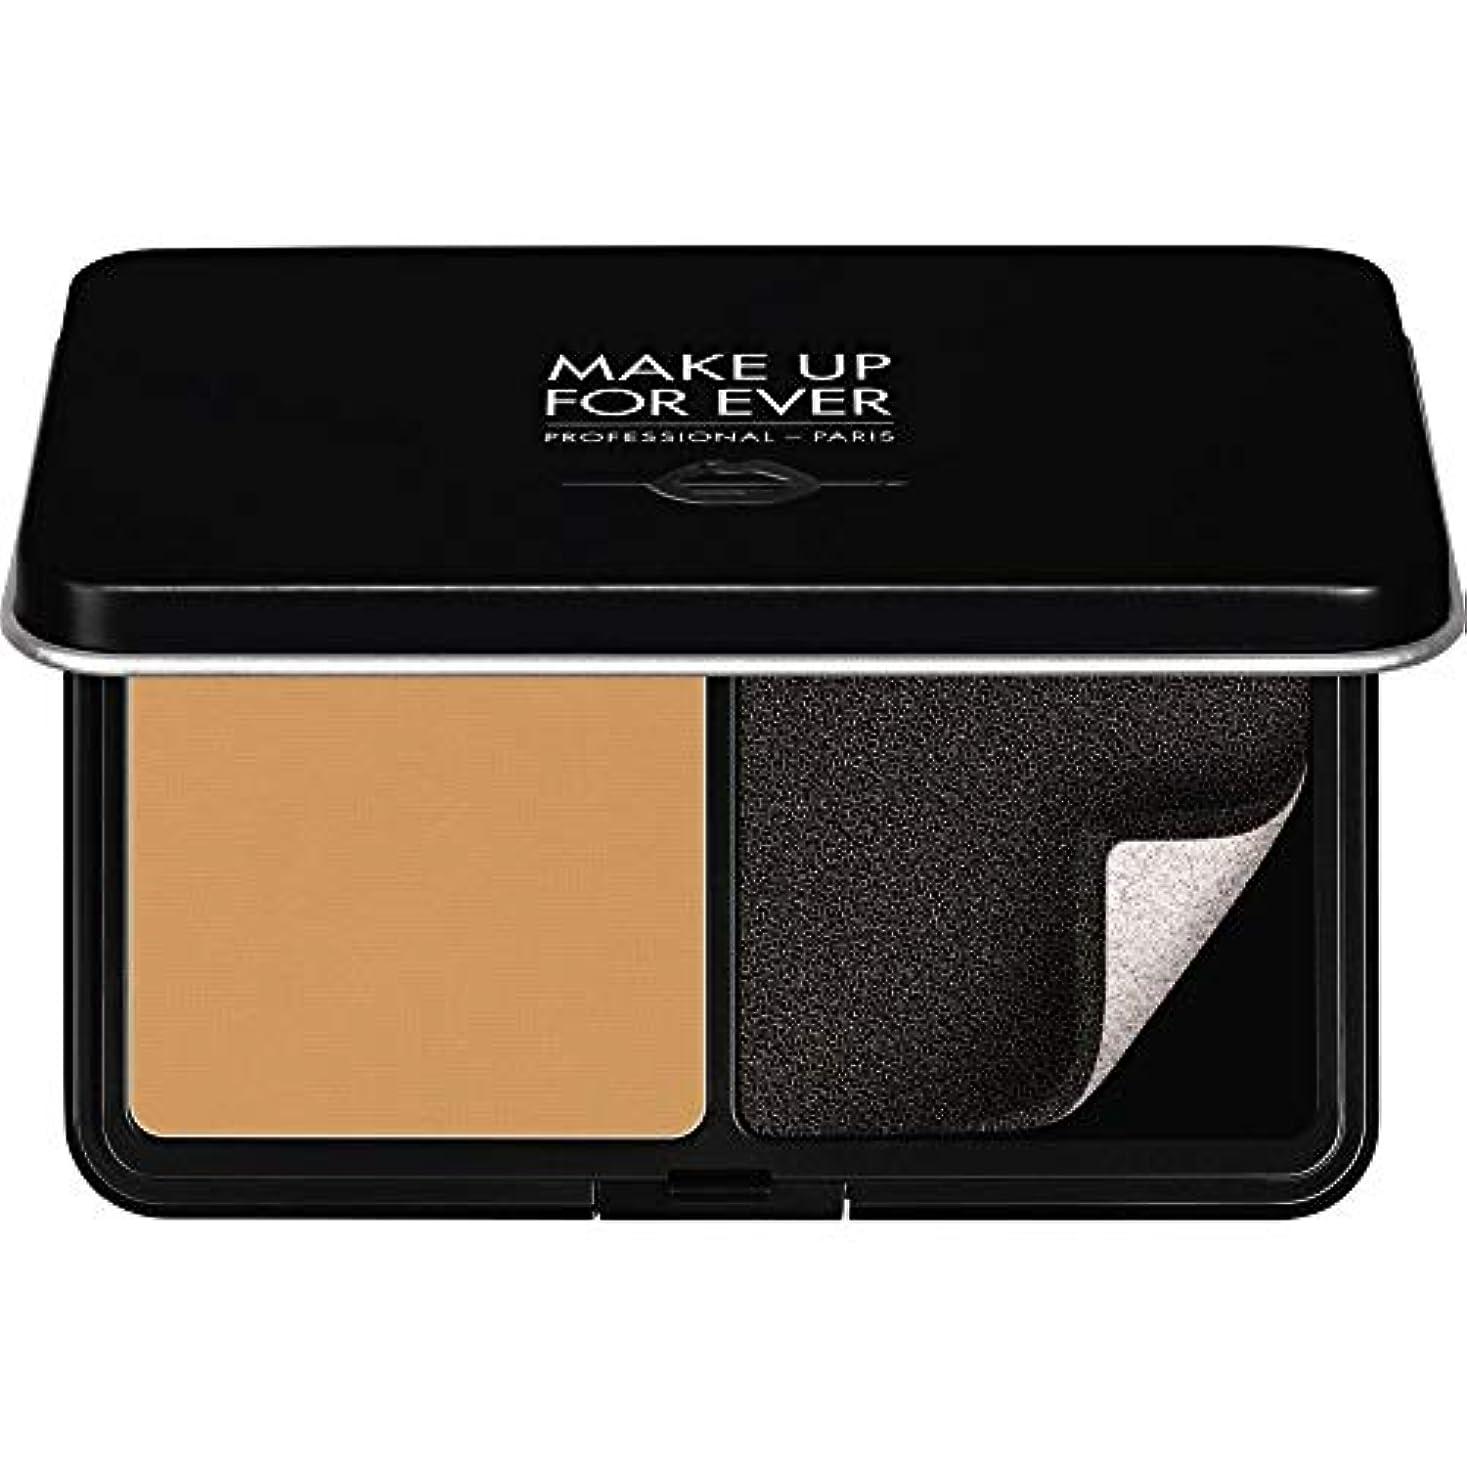 引き受ける枝小人[MAKE UP FOR EVER ] パウダーファンデーション11GののY405をぼかし、これまでマットベルベットの肌を補う - 黄金の蜂蜜 - MAKE UP FOR EVER Matte Velvet Skin Blurring...